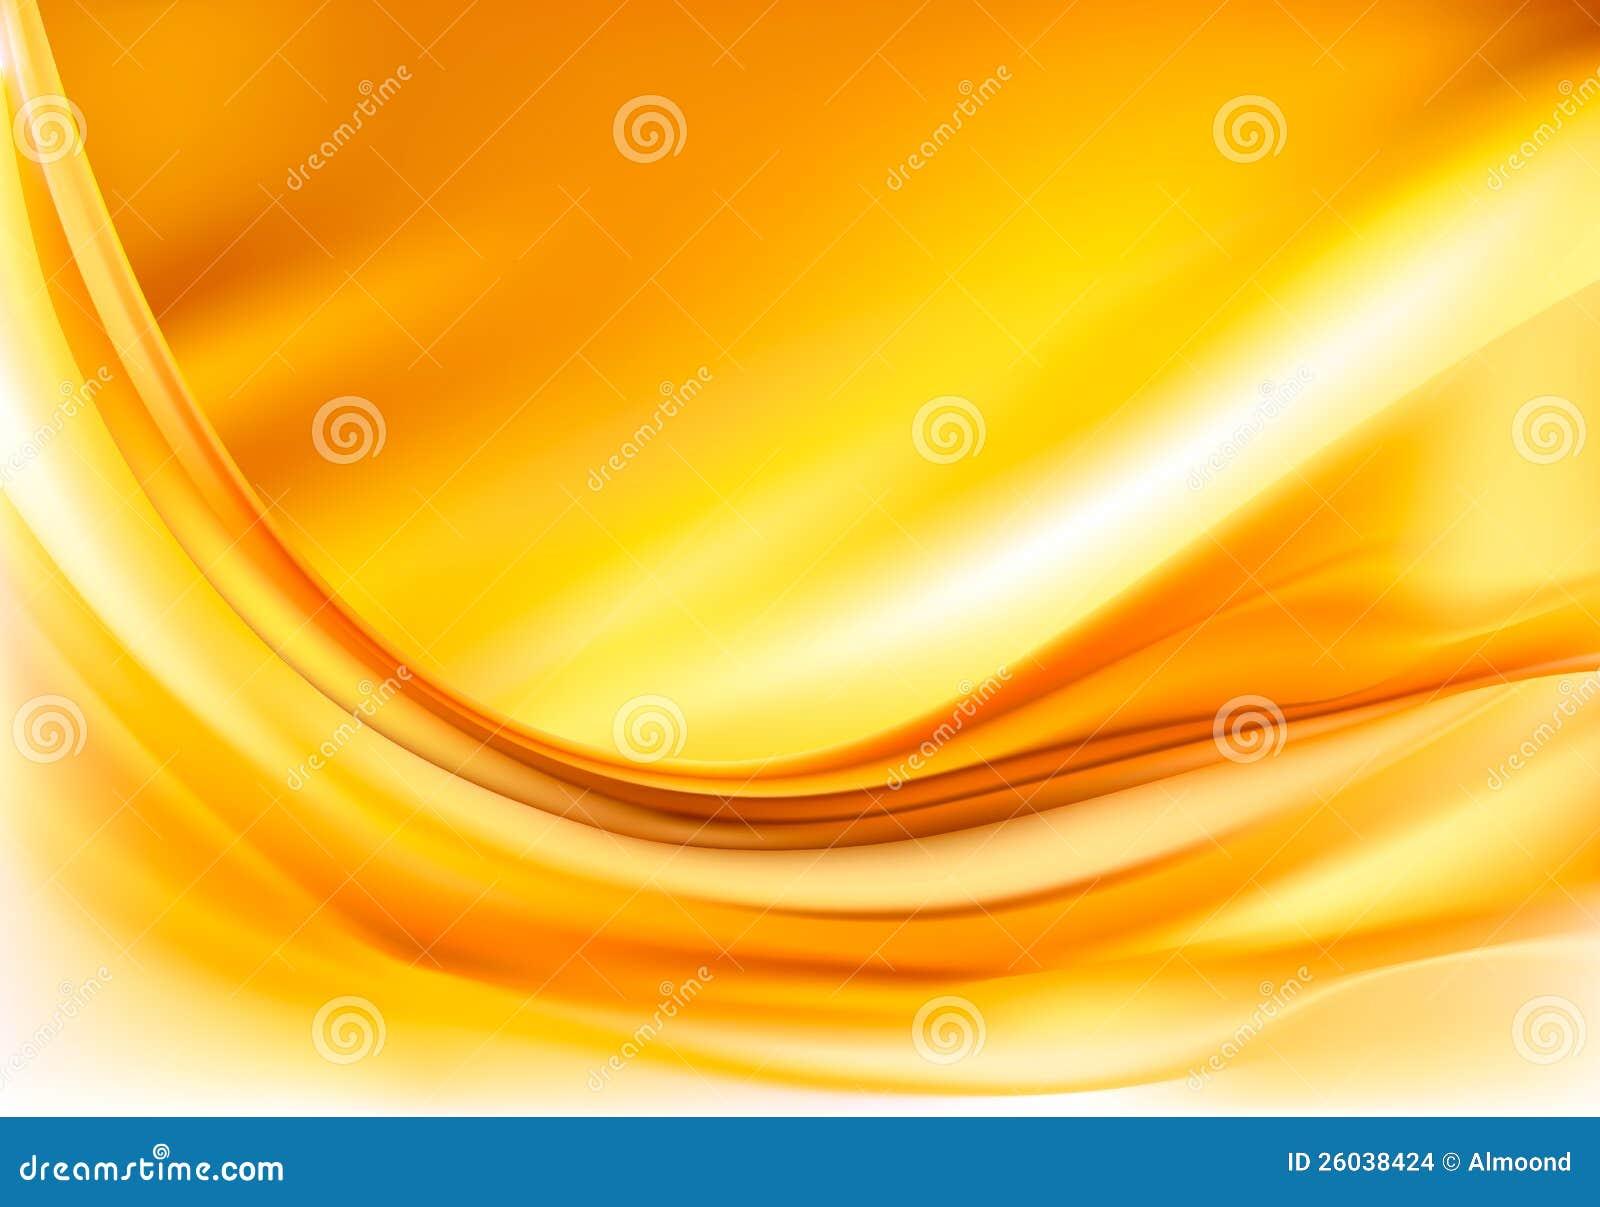 Fondo abstracto elegante del oro